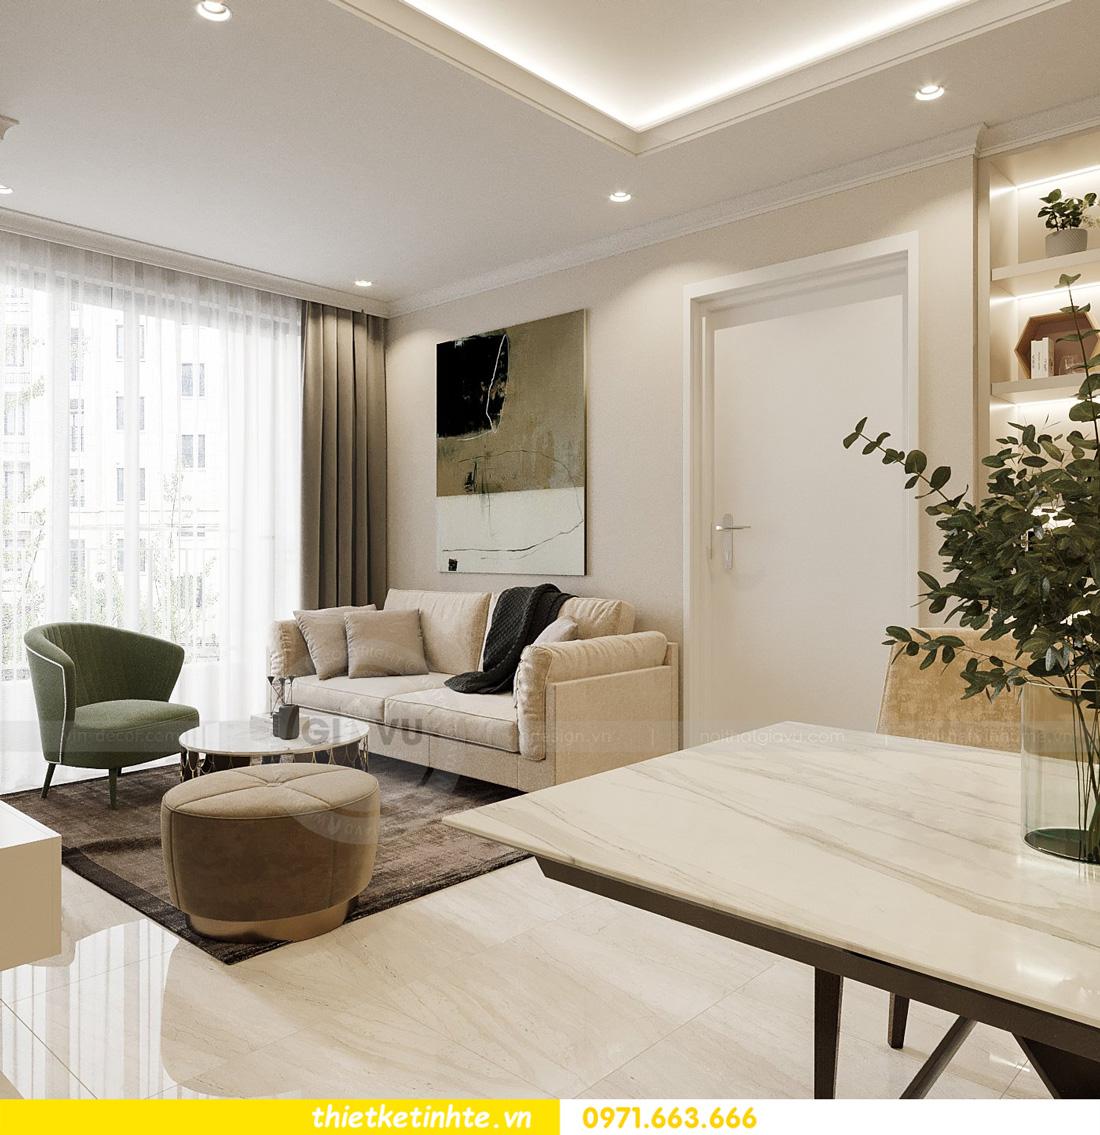 thiết kế nội thất căn hộ 2 ngủ hiện đại tại Vinhomes DCapitale 4